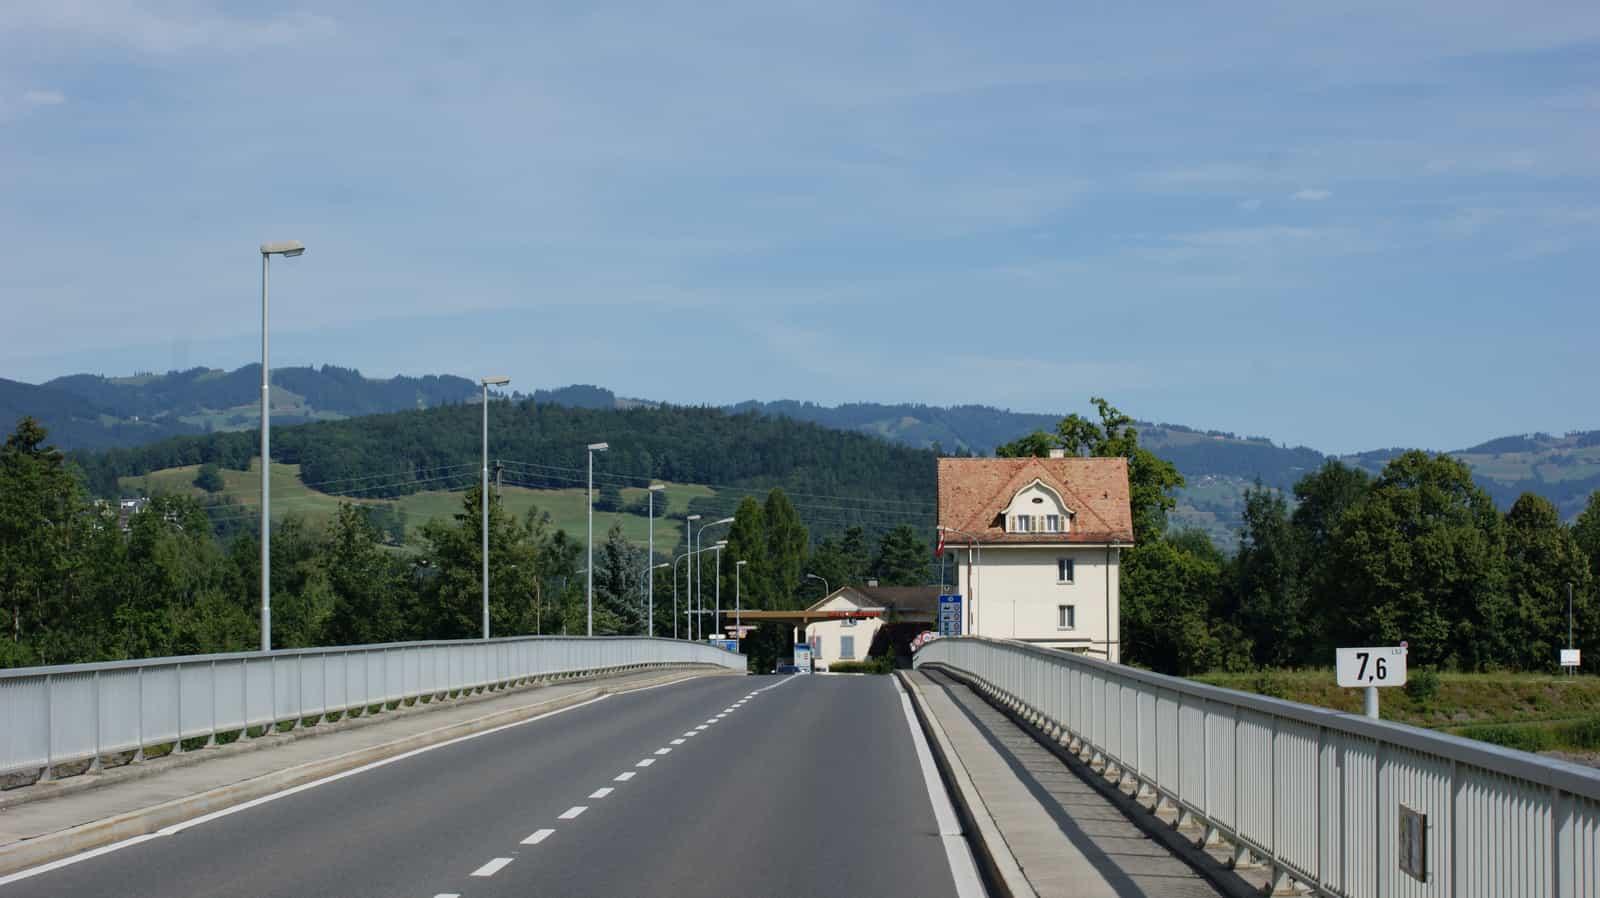 Grenzübergang Meiningen in Feldkirch (Vorarlberg, Österreich) - Oberriet (Schweiz).